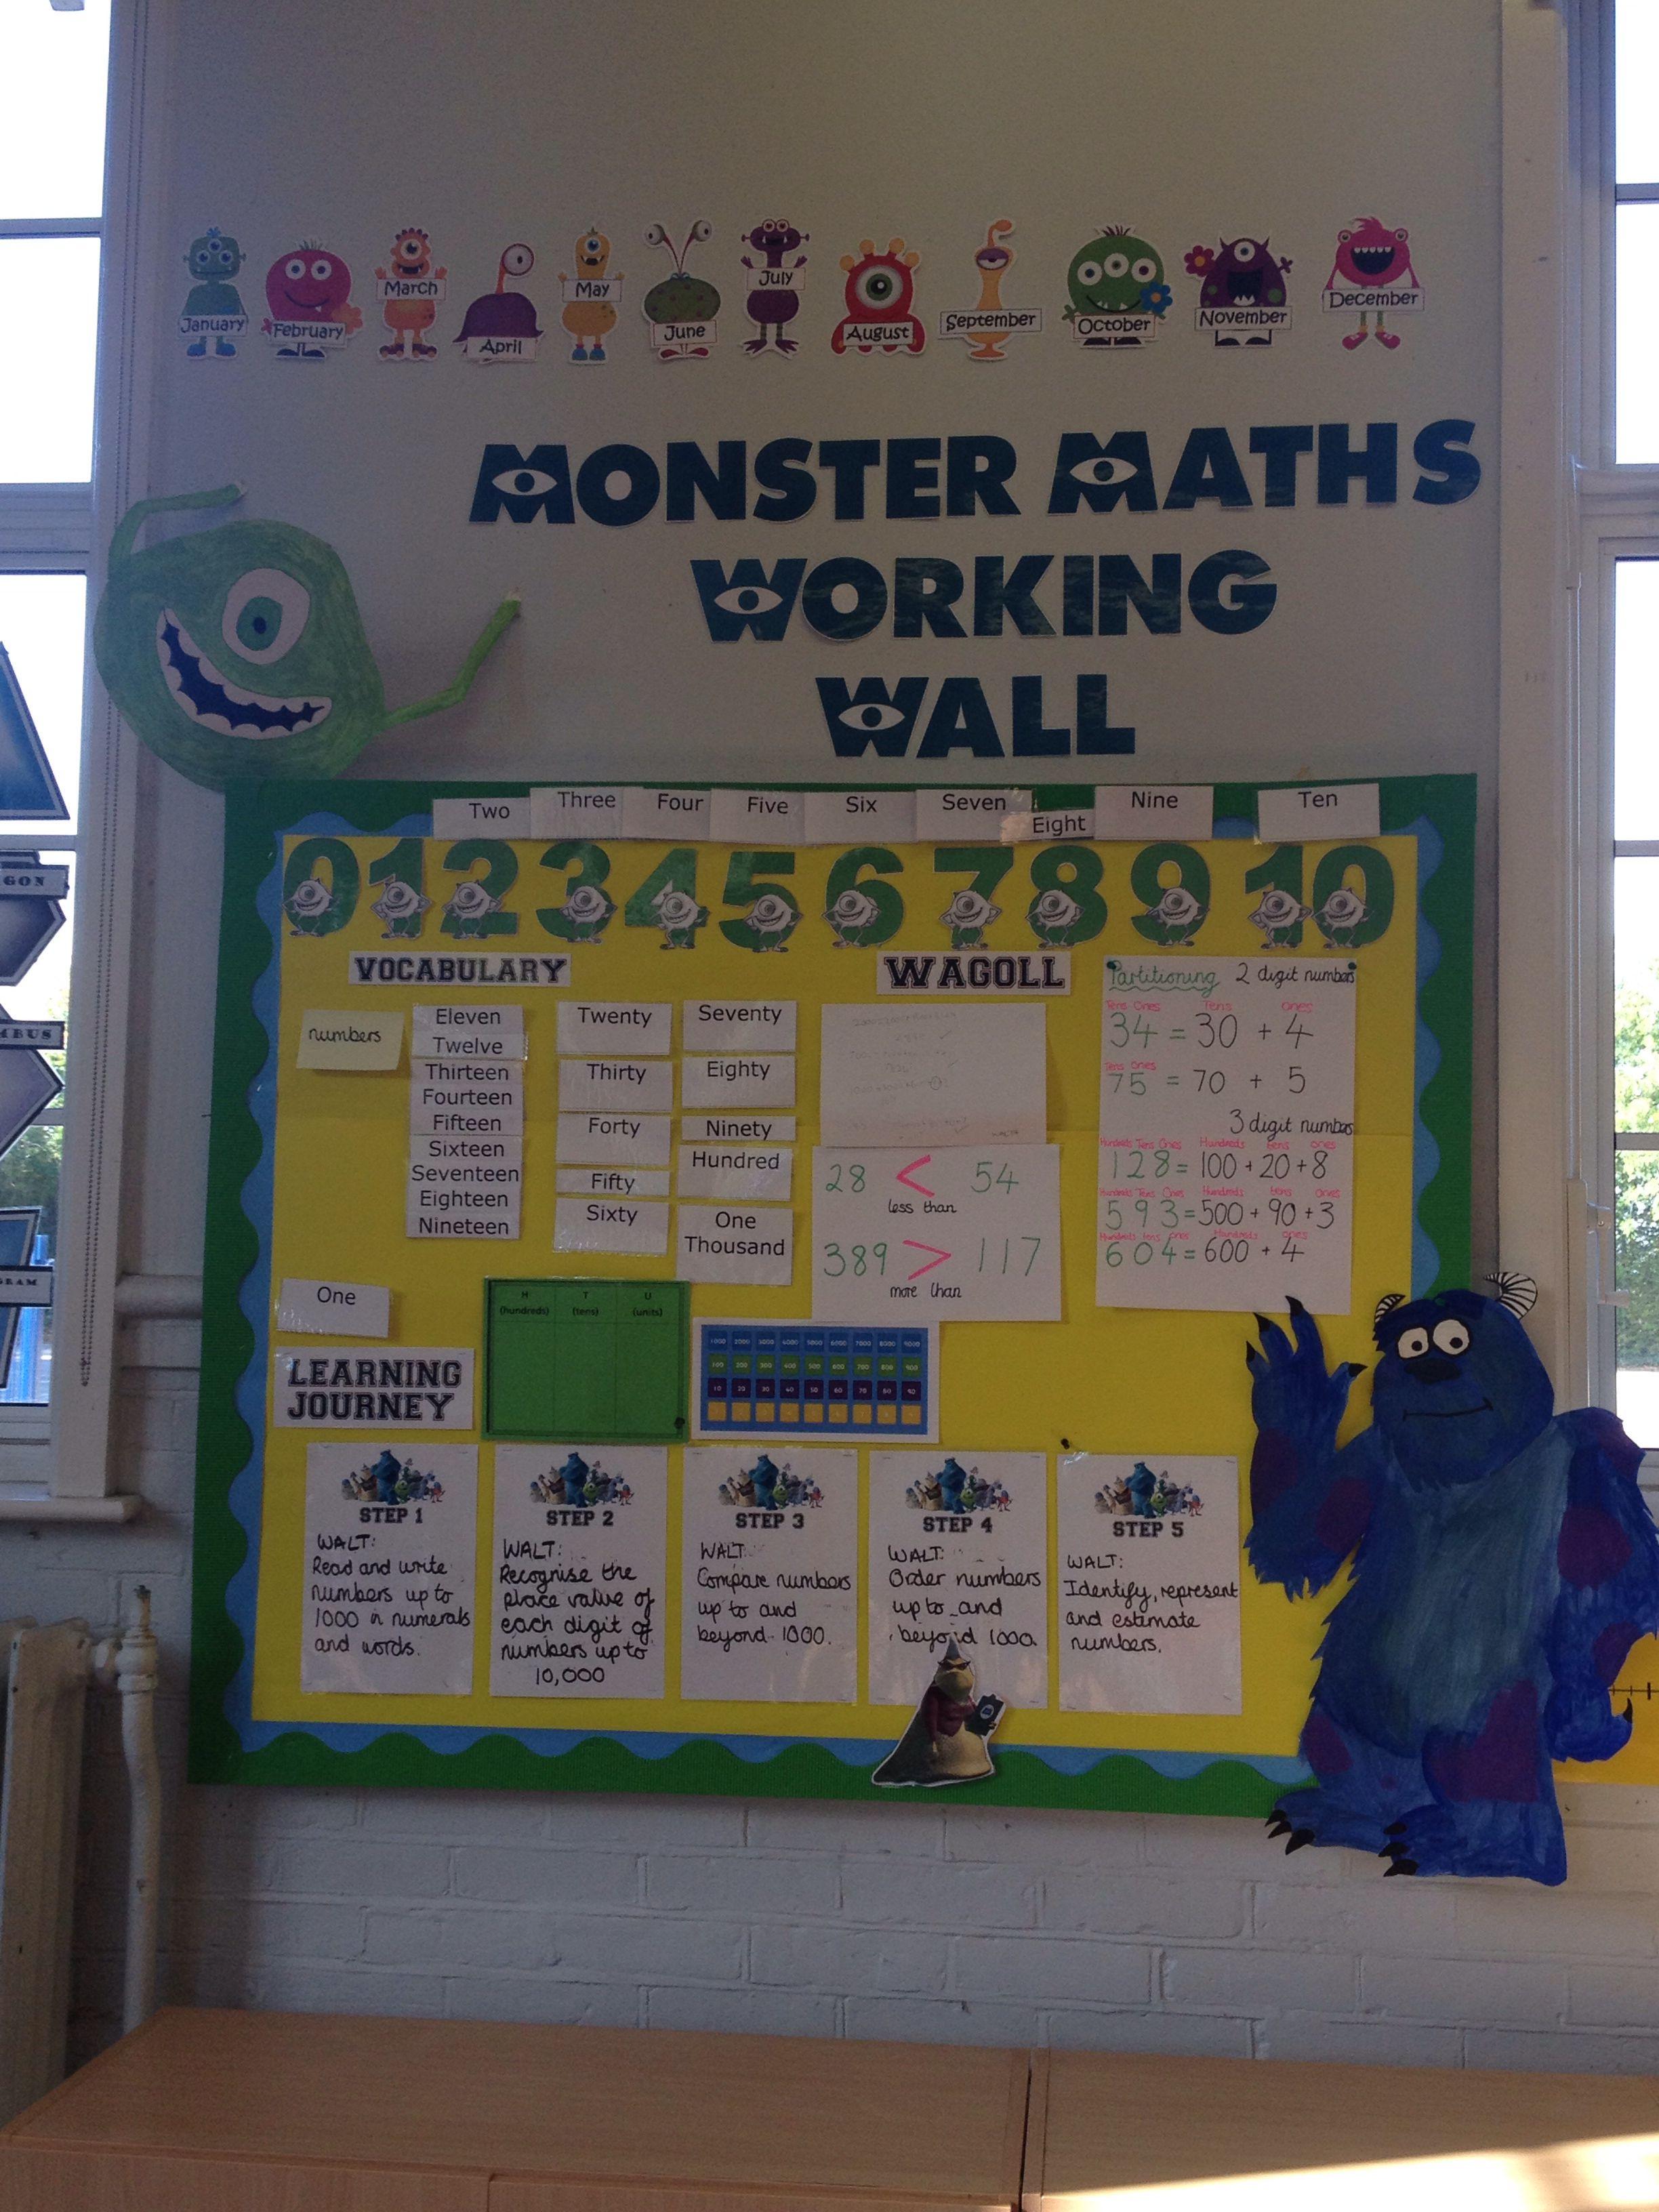 Monster Maths Working Wall